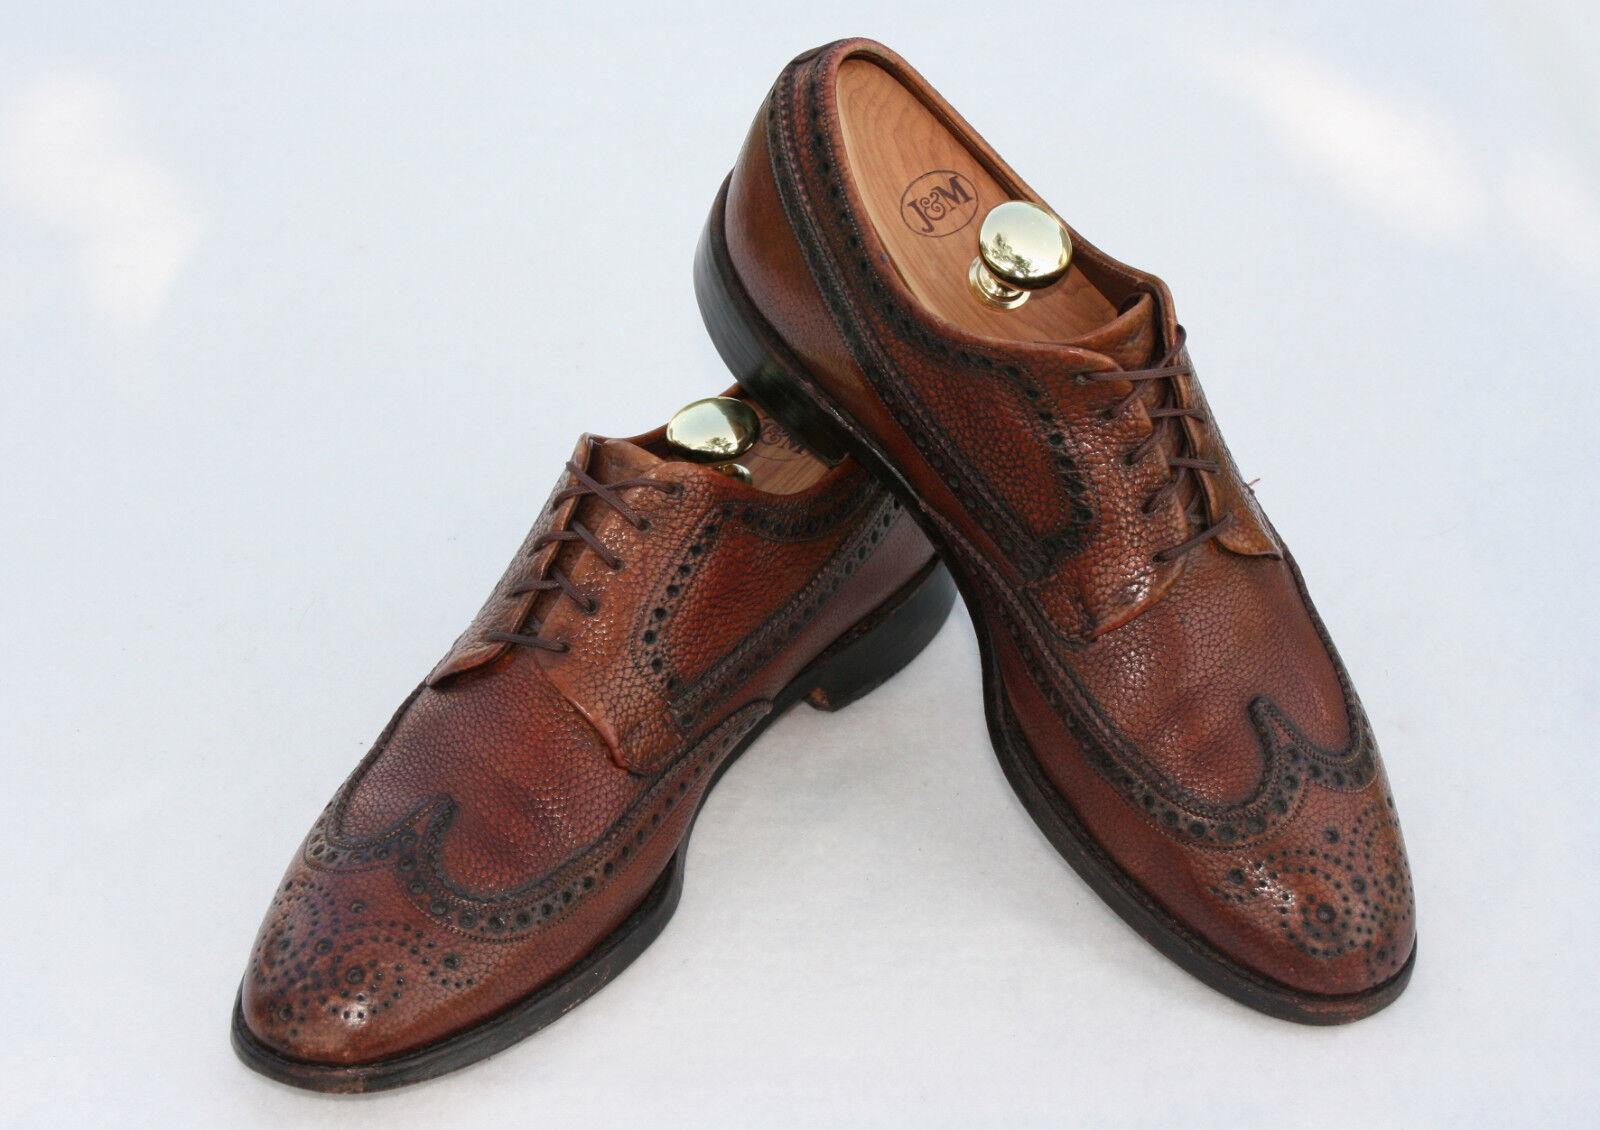 60s Florsheim Royal Imperial Wing Tip básico con Guijarros Marrón Hombres Zapato 9.5 D 97606